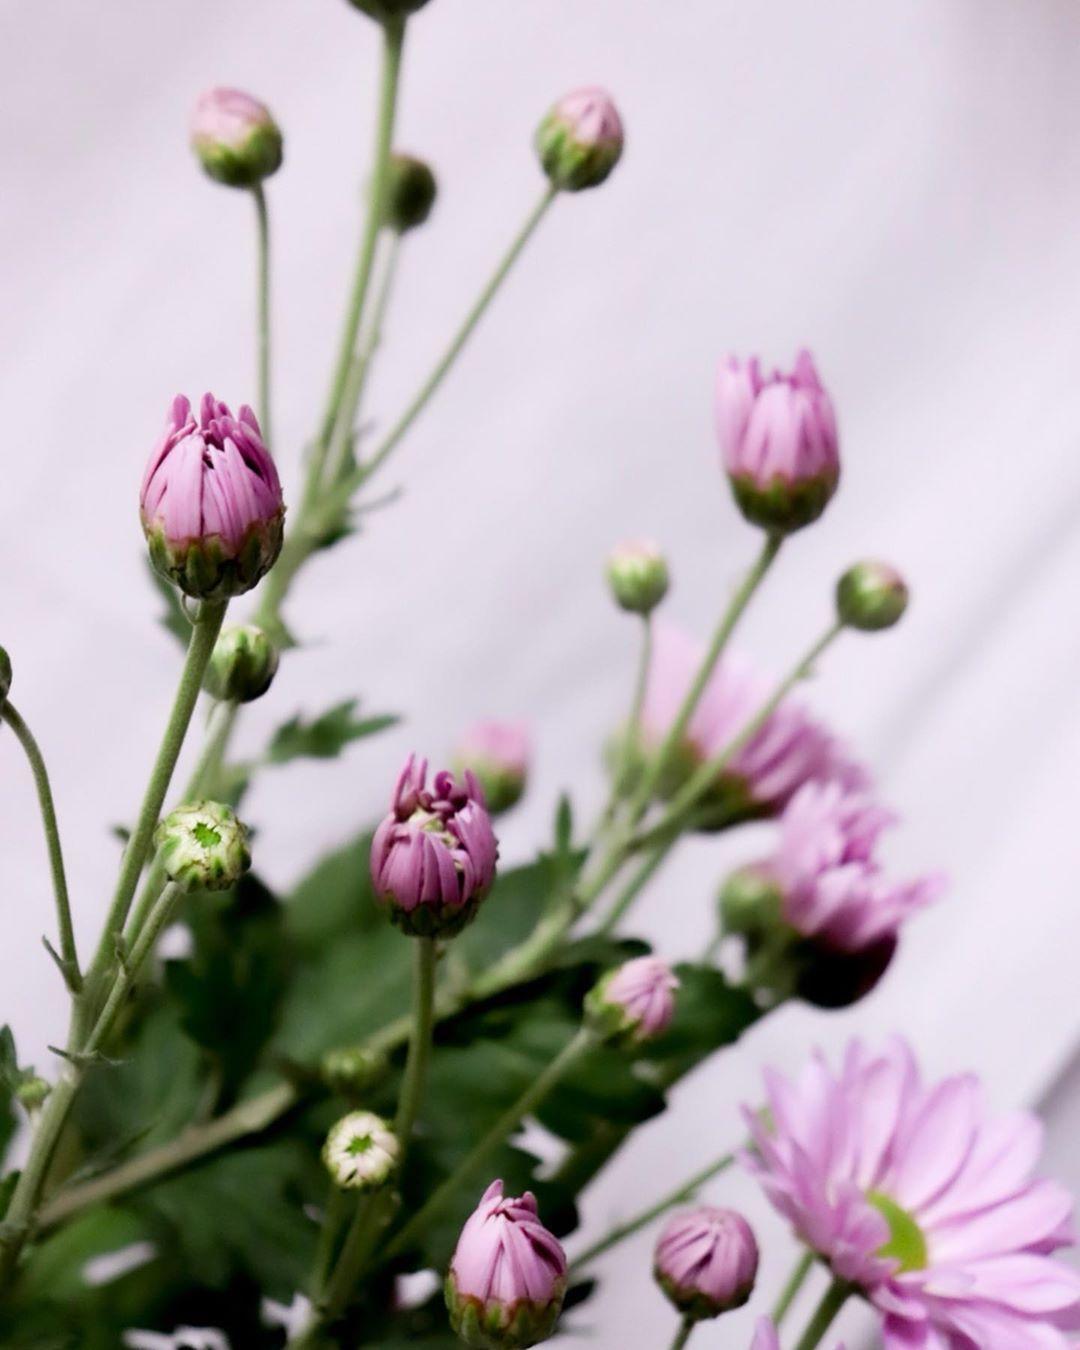 ・ ・ 今までは見向きもしなかった 市役所にこの時期展示してる 菊の花たち ・ いろんな種類があるんだ😳 お墓参りの花、 くらいにしか思ってなかったけど ・ キレイなので しばらくpostは 菊しばりだよ😂 ・ canon EOS kiss X9i ・ ・ #カメラ日本の輪 #北海道ミライノート #東京カメラ部 #Hokkaidolikers #Hokkaidolabo #hokkaido_life #my_eos_photo #daily_photo_japan #lovers_nippon #photo_jpn #japan_daytime_view #team_jp #japan_photo_now #japan_bestpic #explorejapan #jalan_travel #pooloftime #haveanicephoto #flowerstagram  #flowerphotography  #flowerpic  #flower_beauties_  #flowers_shotz  #chrythesanmum